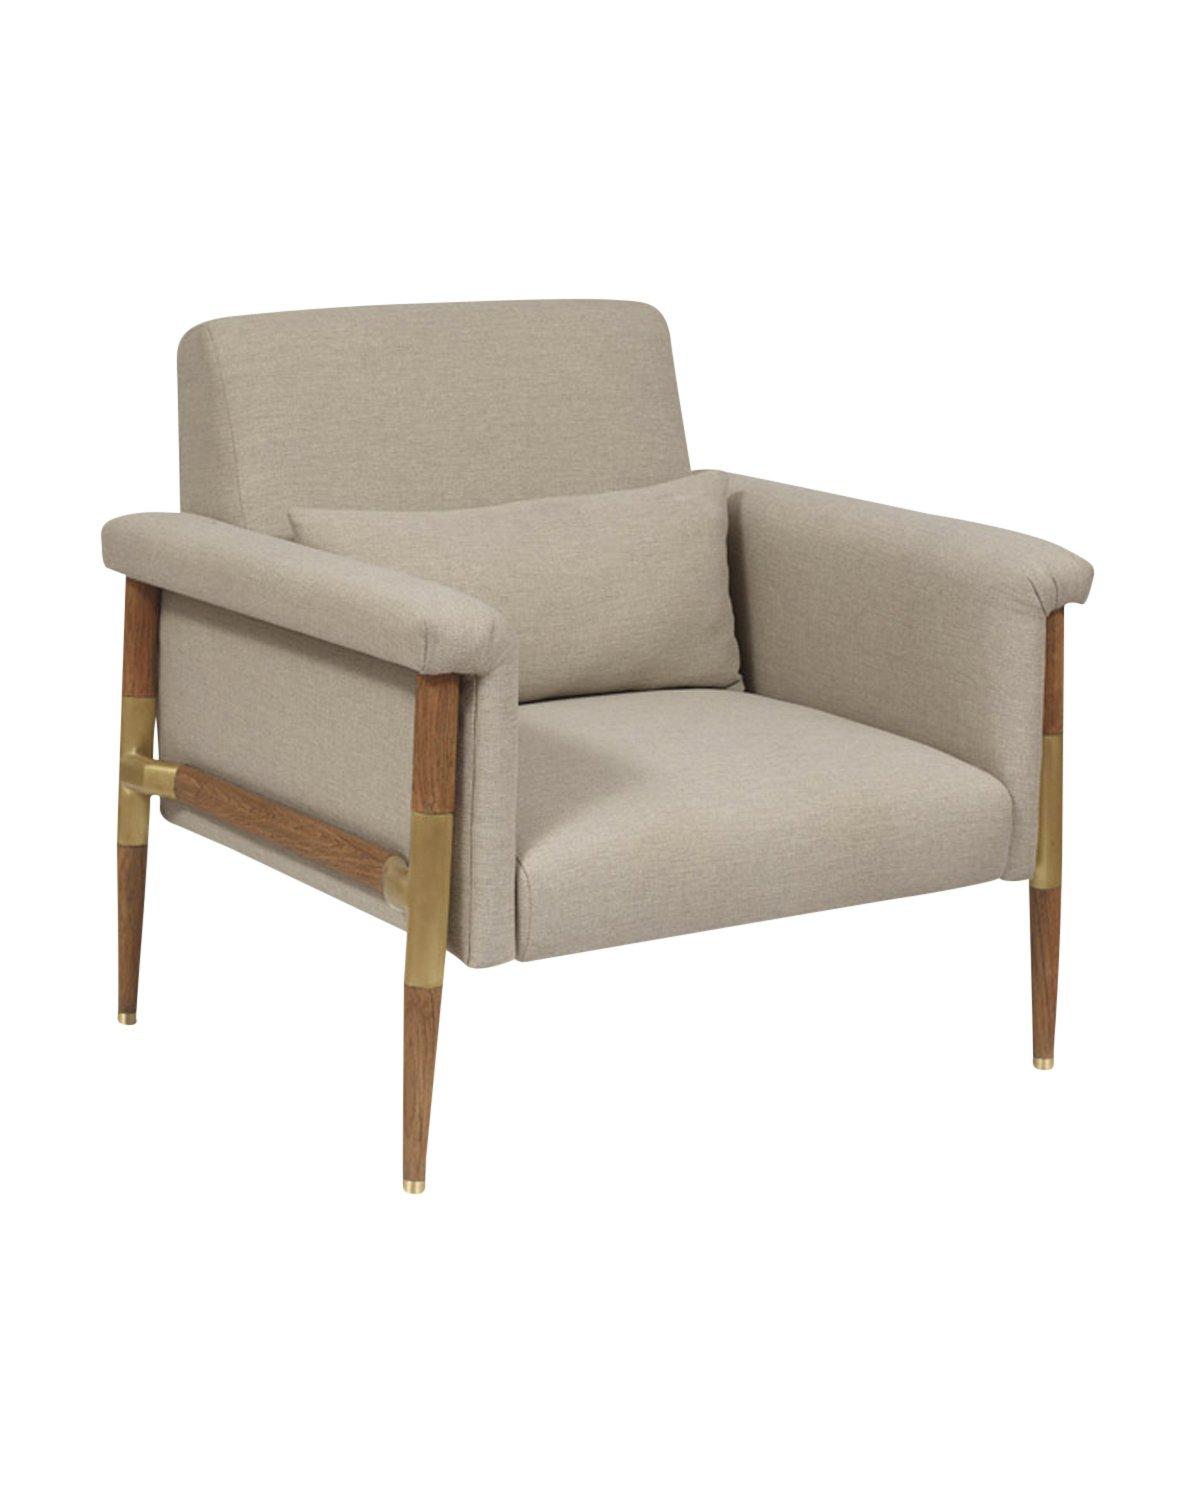 Dermott_Chair_2.jpg